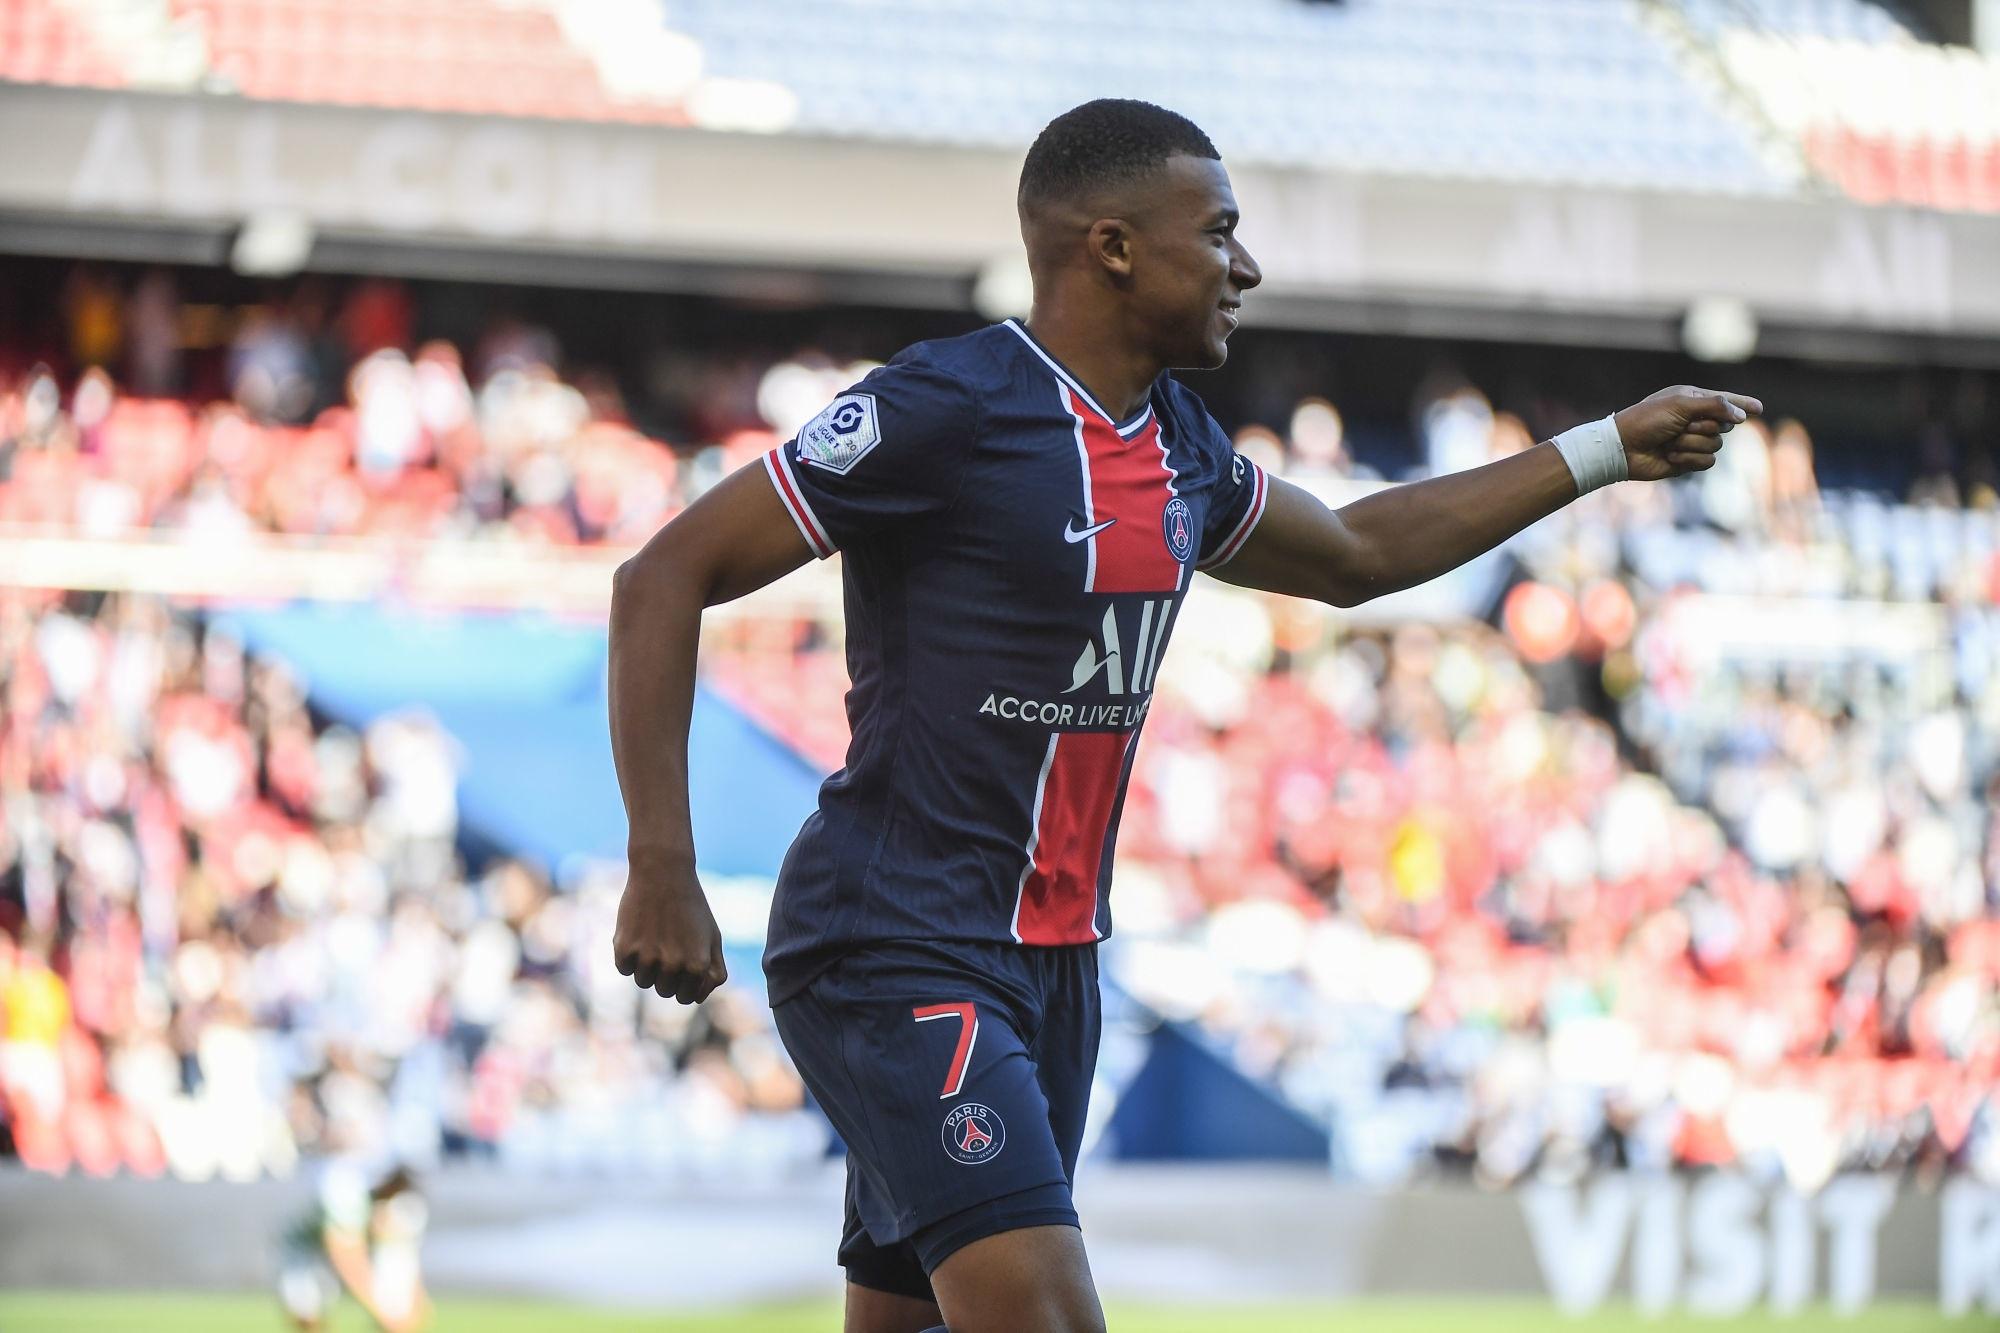 Atalanta/PSG - Mbappé a retouché le ballon mais ne sera pas mieux que remplaçant, selon Le Parisien